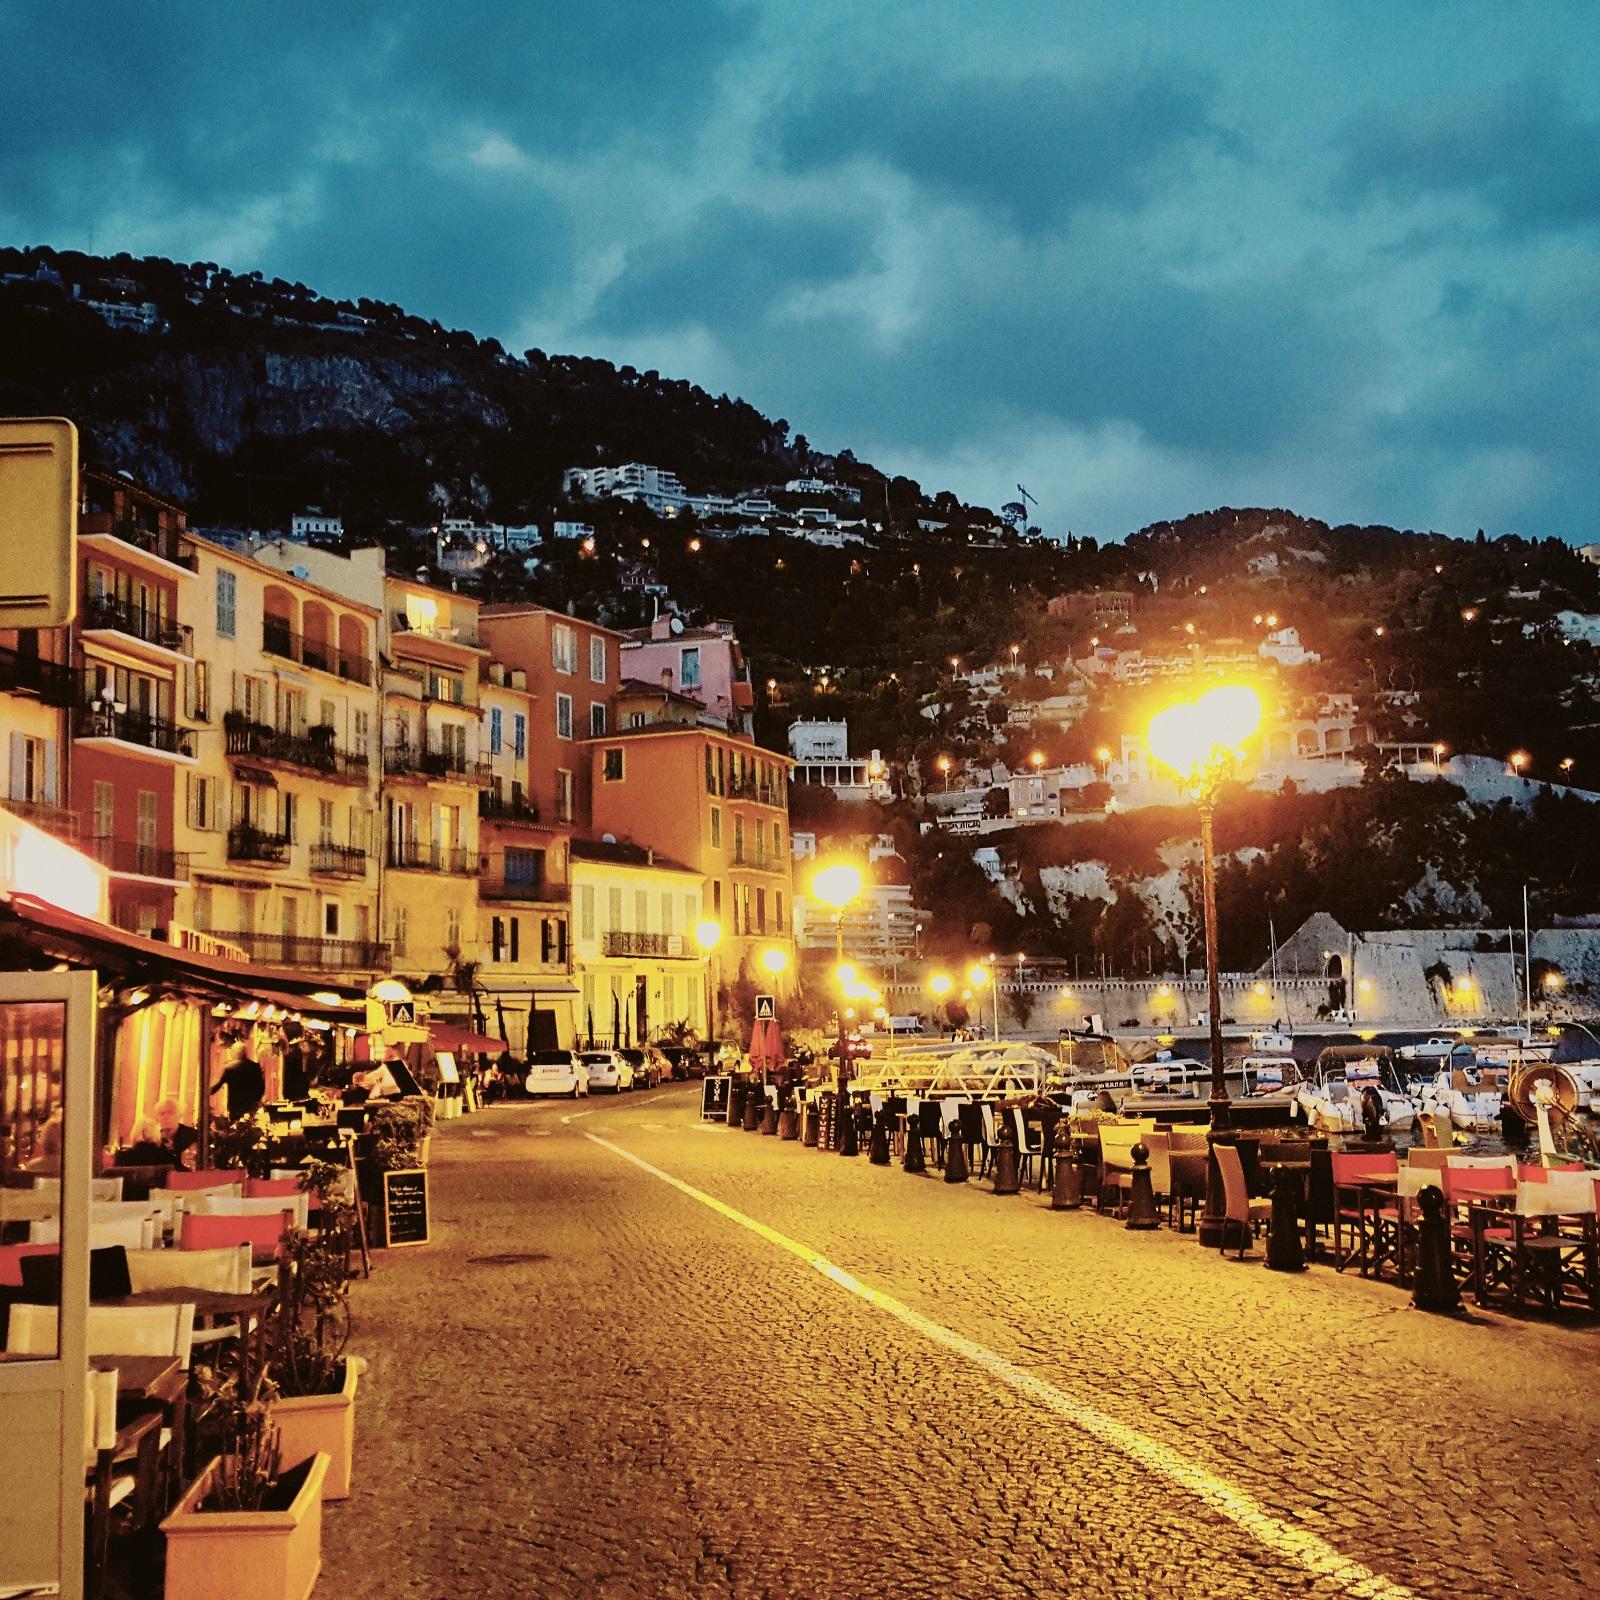 Welcome Hotel. Ilta laskeutuu Villefranche-sur-Meriin.